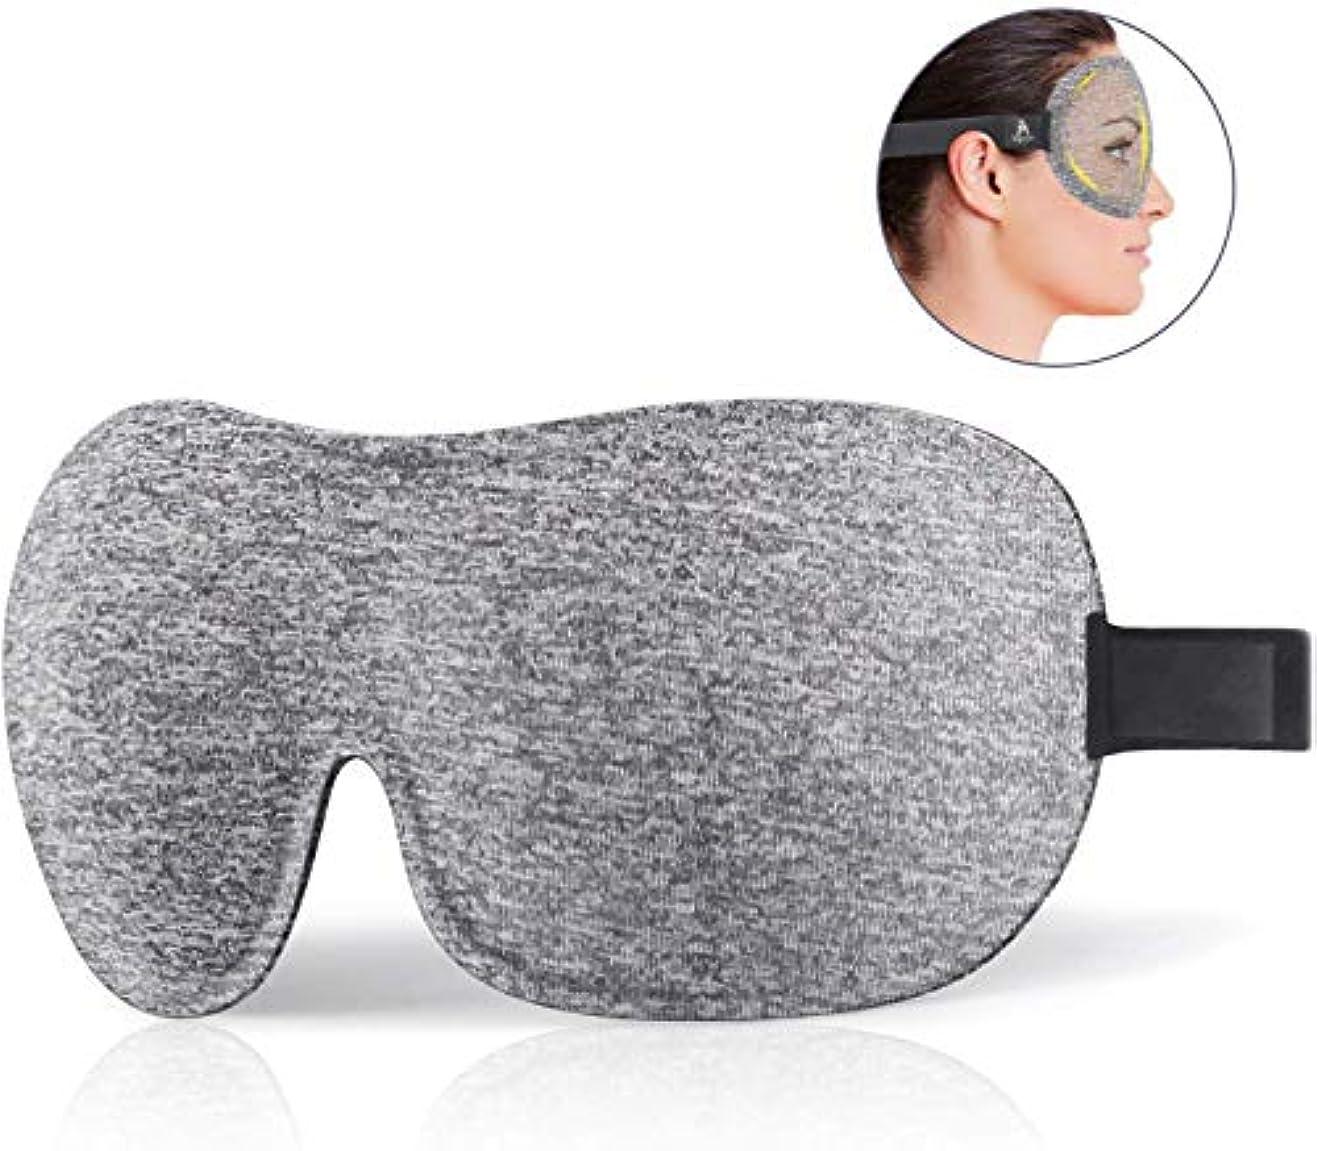 免疫調整放射性Mavogel アイマスク 3D立体型 たんぱく質系繊維とコットン素材 ひんやり 快眠 遮光 柔らかい 圧迫感なし 自由調整 スポンジ付きバンド(グレー)